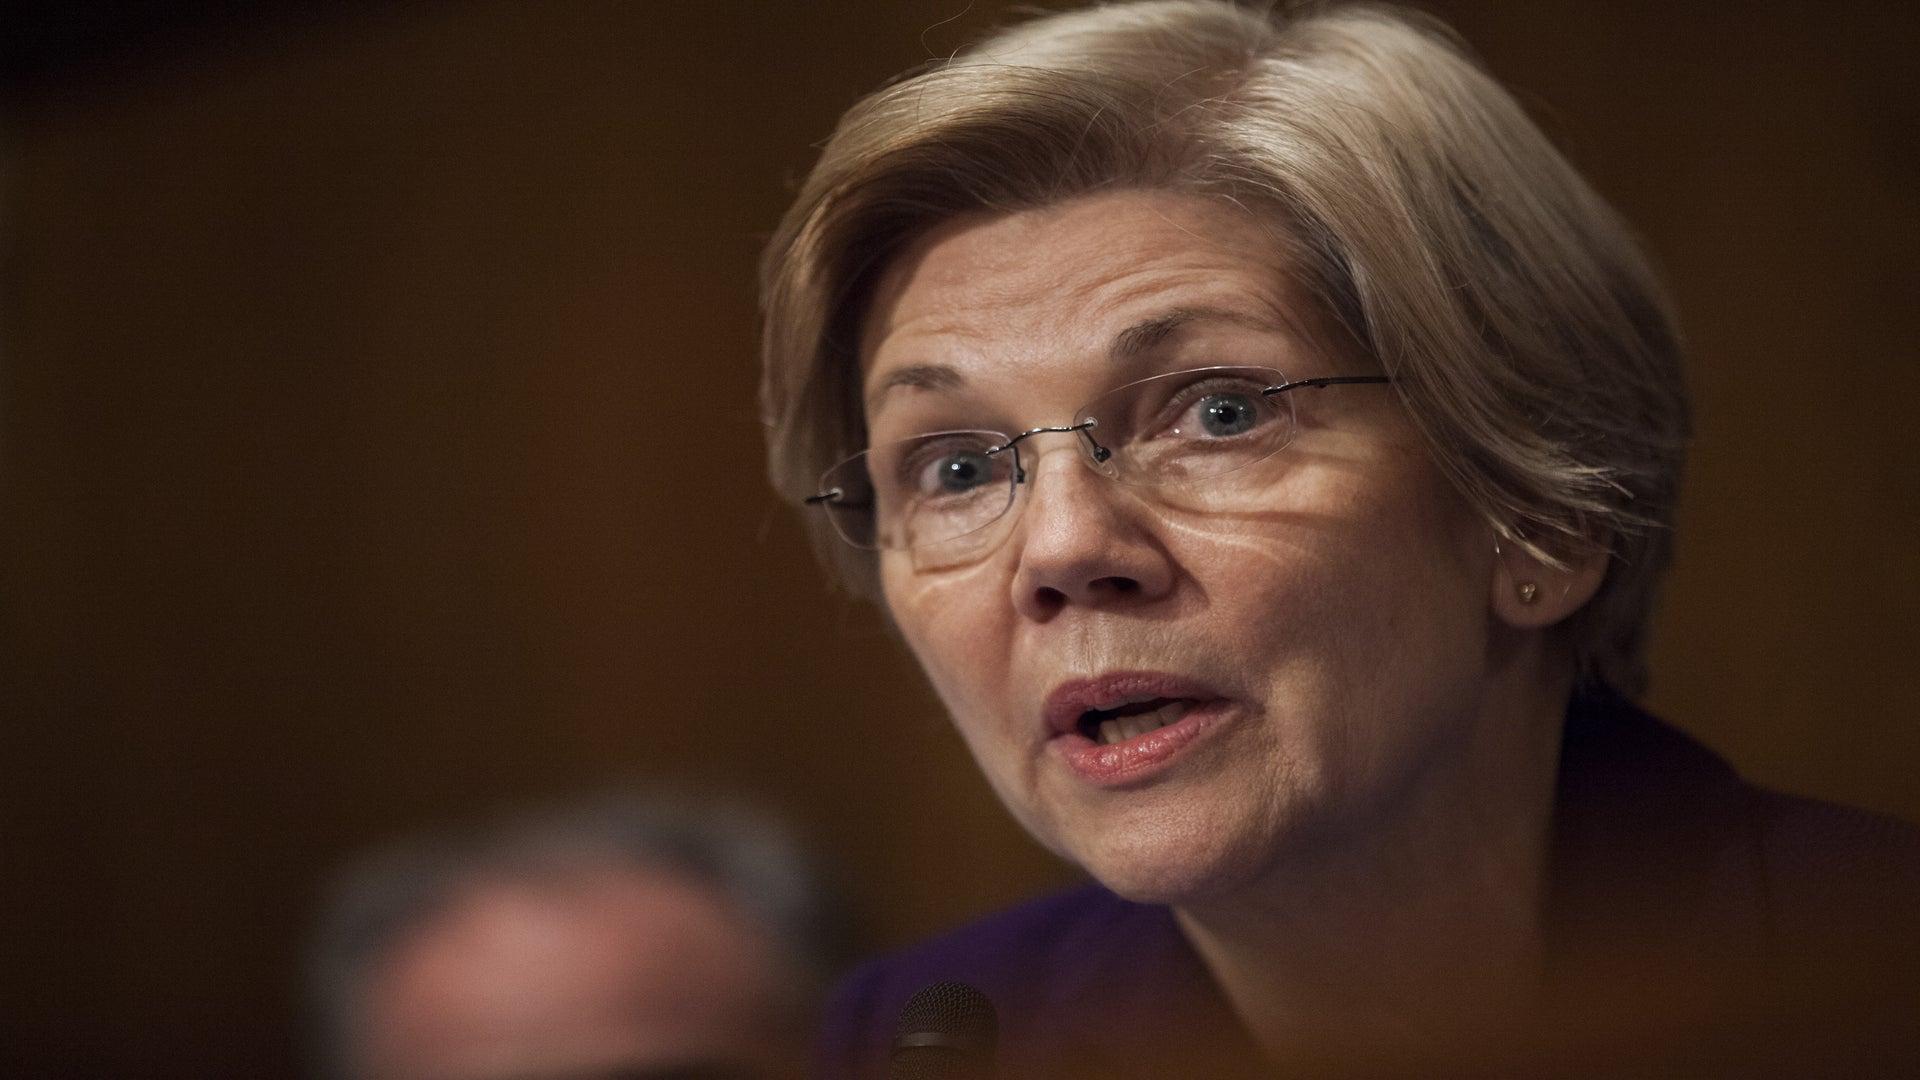 Sen. Elizabeth Warren Being Silenced By GOP Puts New Light On Coretta Scott King Letter